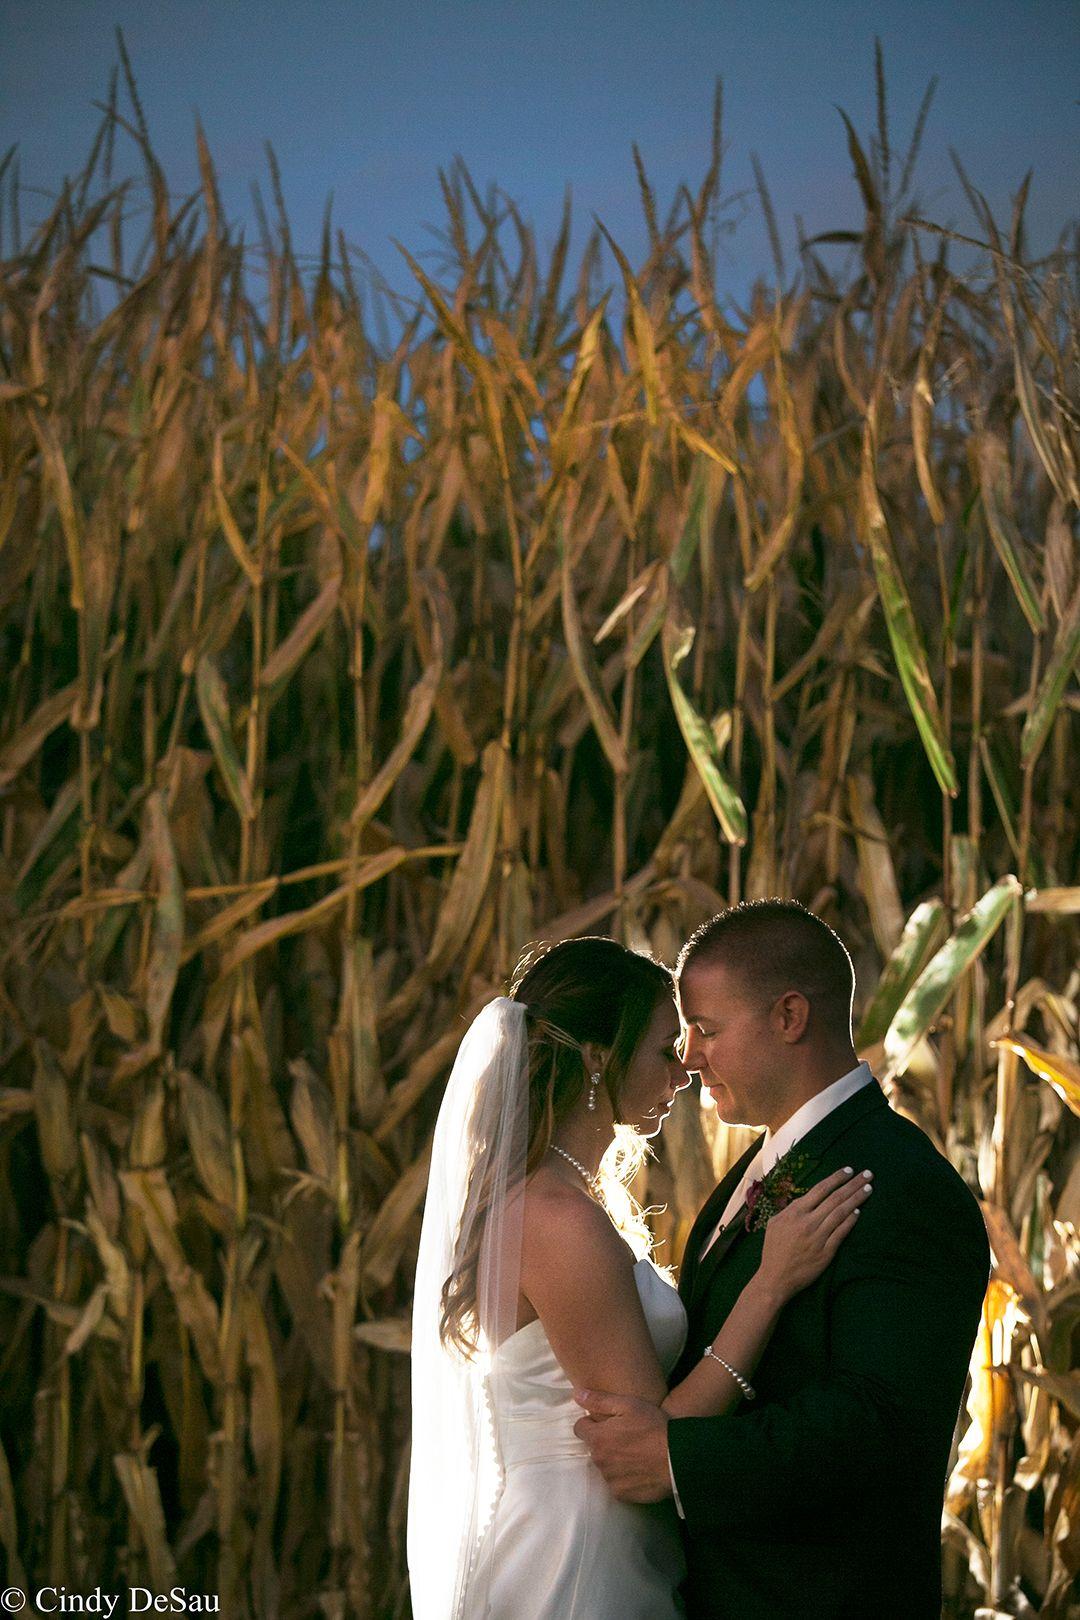 New Wedding Venue Durham Hill Farm Our Wedding Works Pinterest